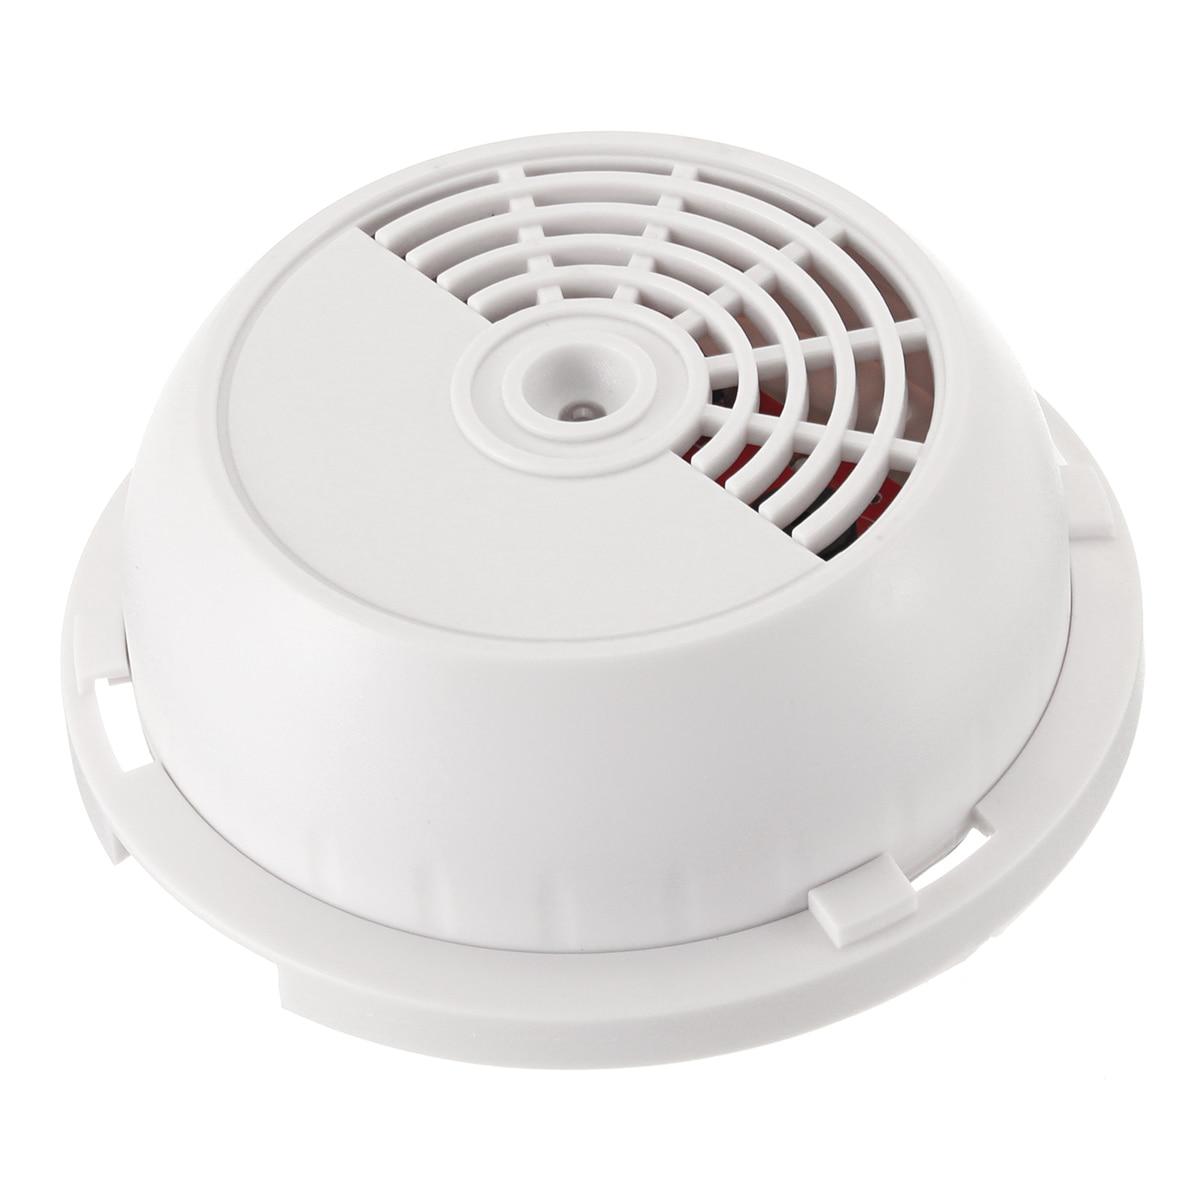 NEW Safurance 12V Combustible Gas Leak Sensor Alarm Detector Propane Butane LPG Natural Home Security Safety